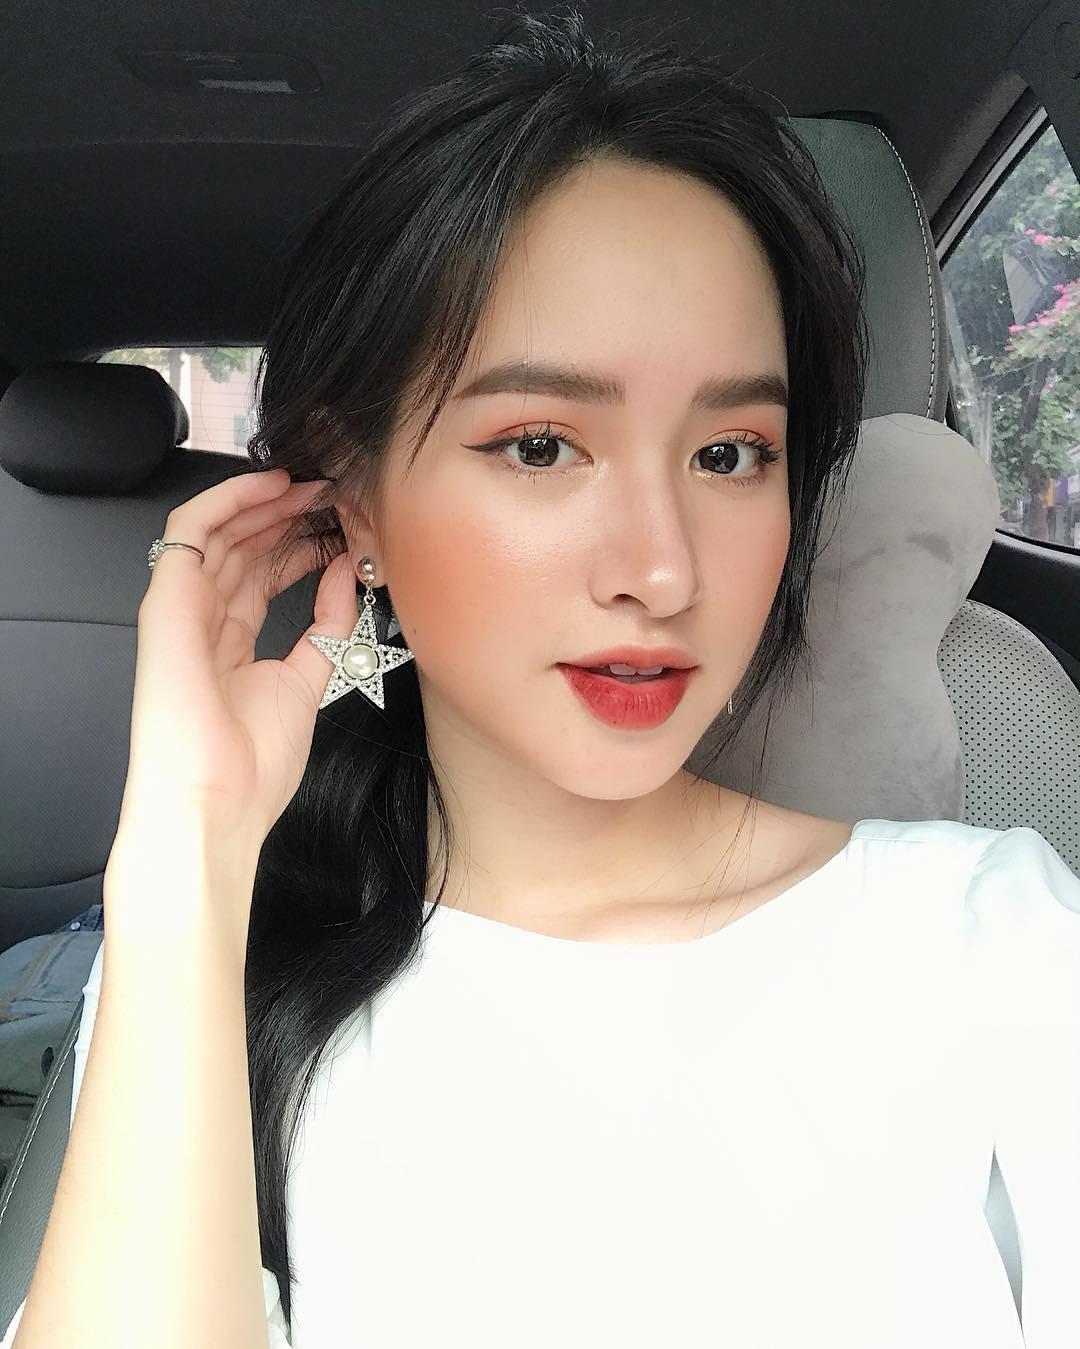 Bạn đã biết 4 cách đánh son siêu xinh đang được các hot girl Việt tích cực diện mùa xuân này chưa? - Ảnh 10.